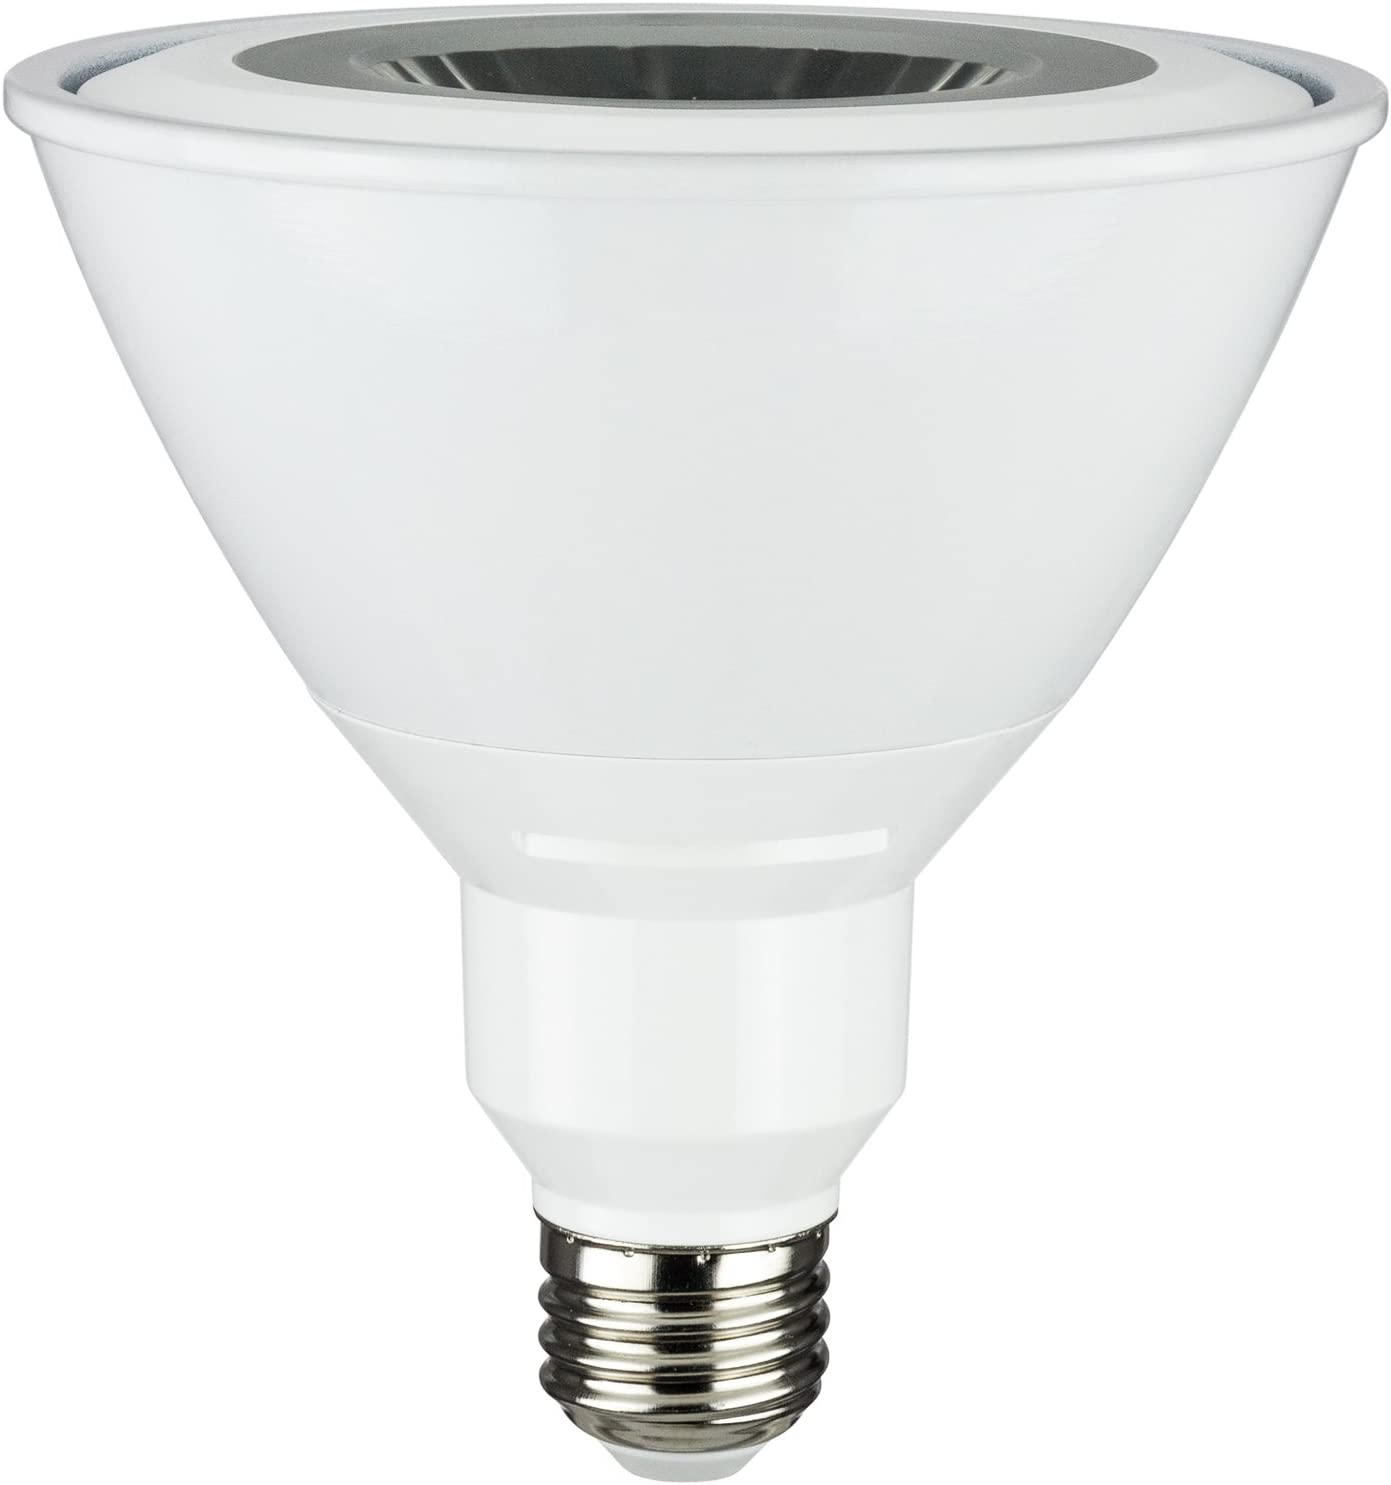 Sunlite PAR38//LED//17W//ES//90//30K 3000K Medium E26 Base Dimmable LED 120W Equivalent PAR38 Reflector 90CRI Series Light Bulb Warm White